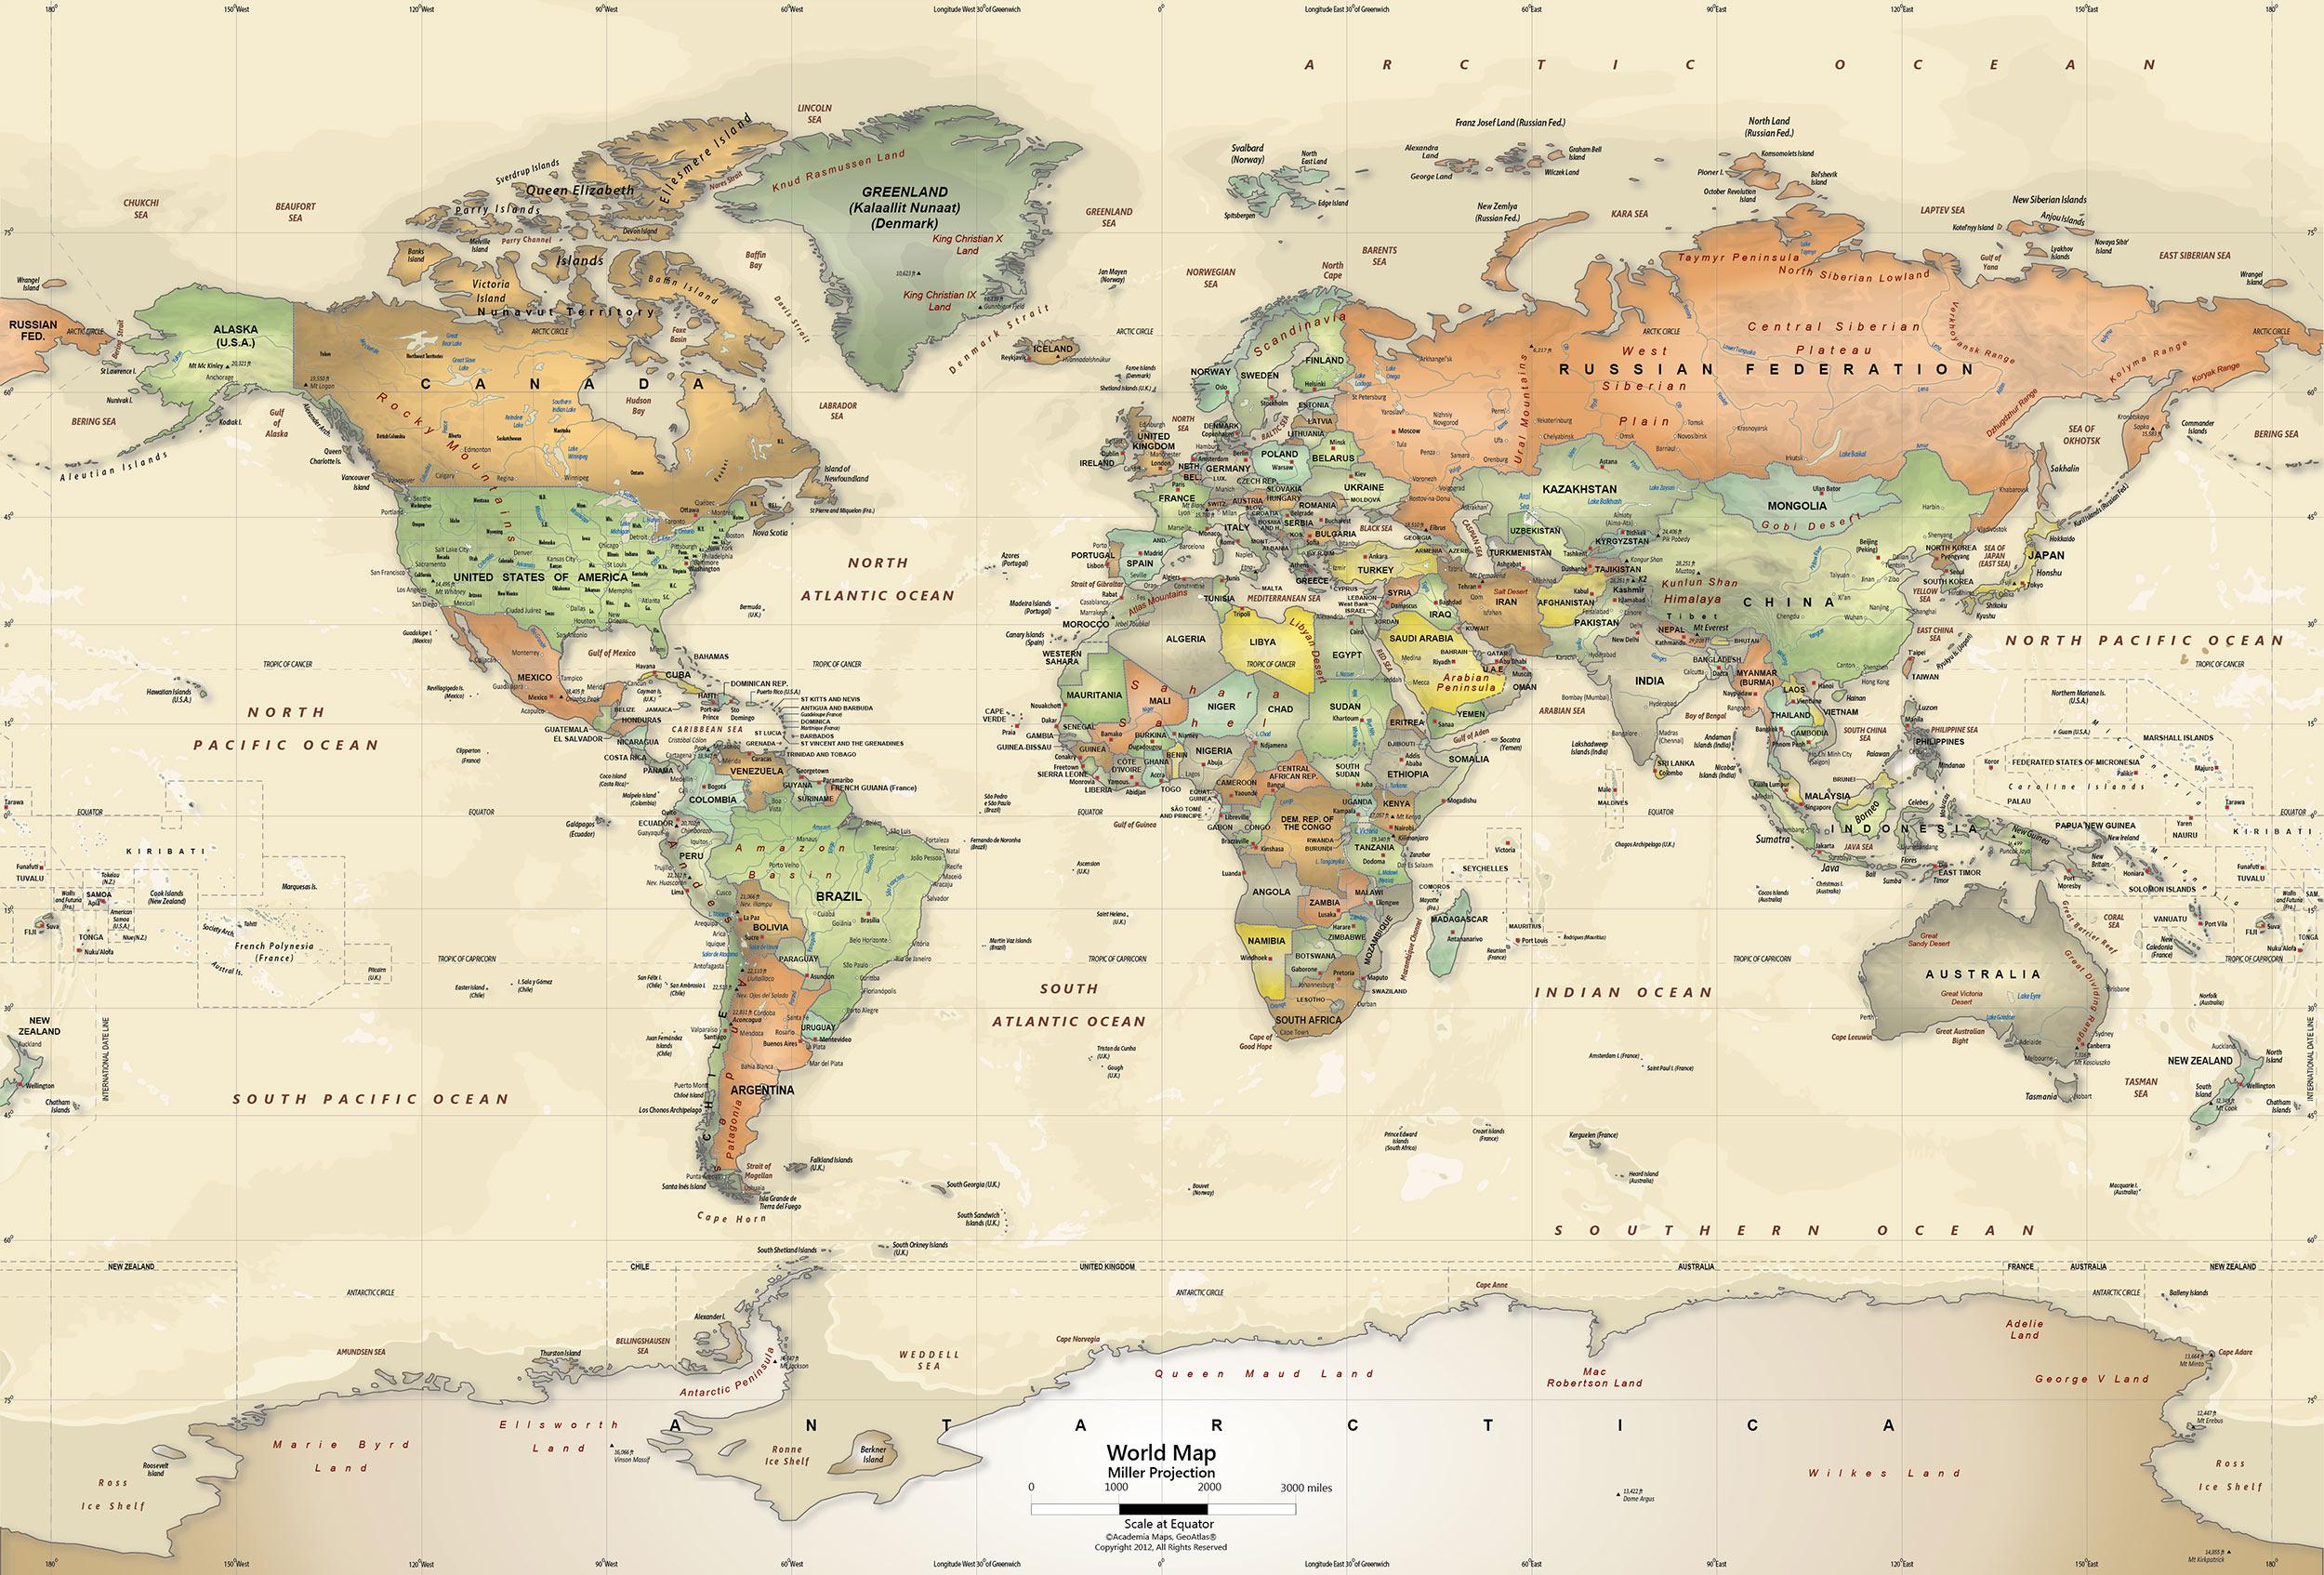 World Map Wall Mural - Antique Oceans Political